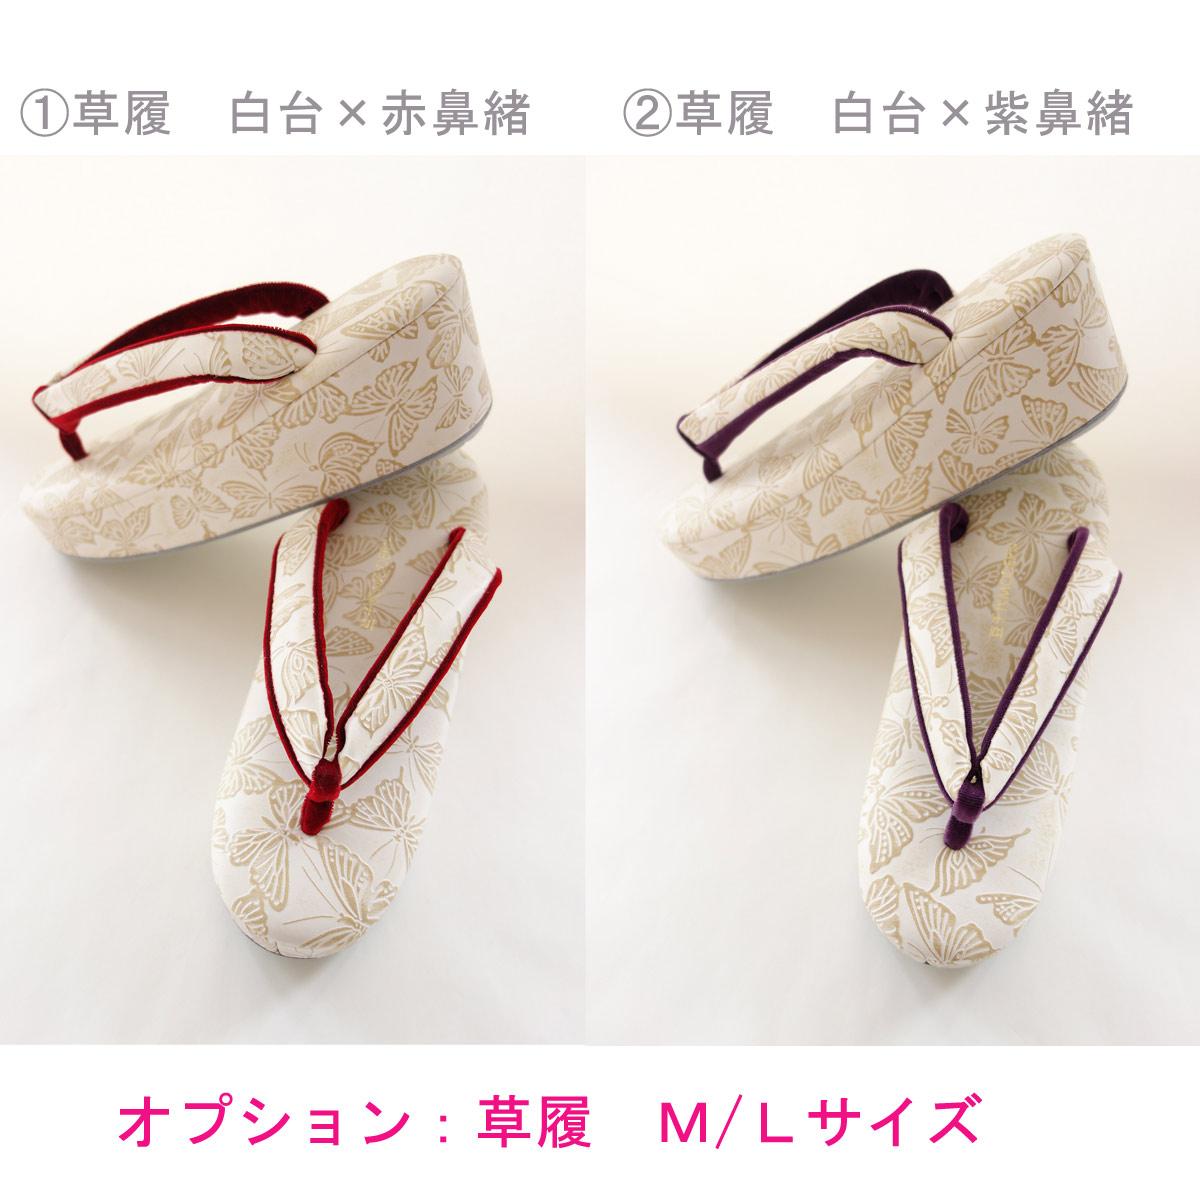 【レンタル】袴 花くす玉